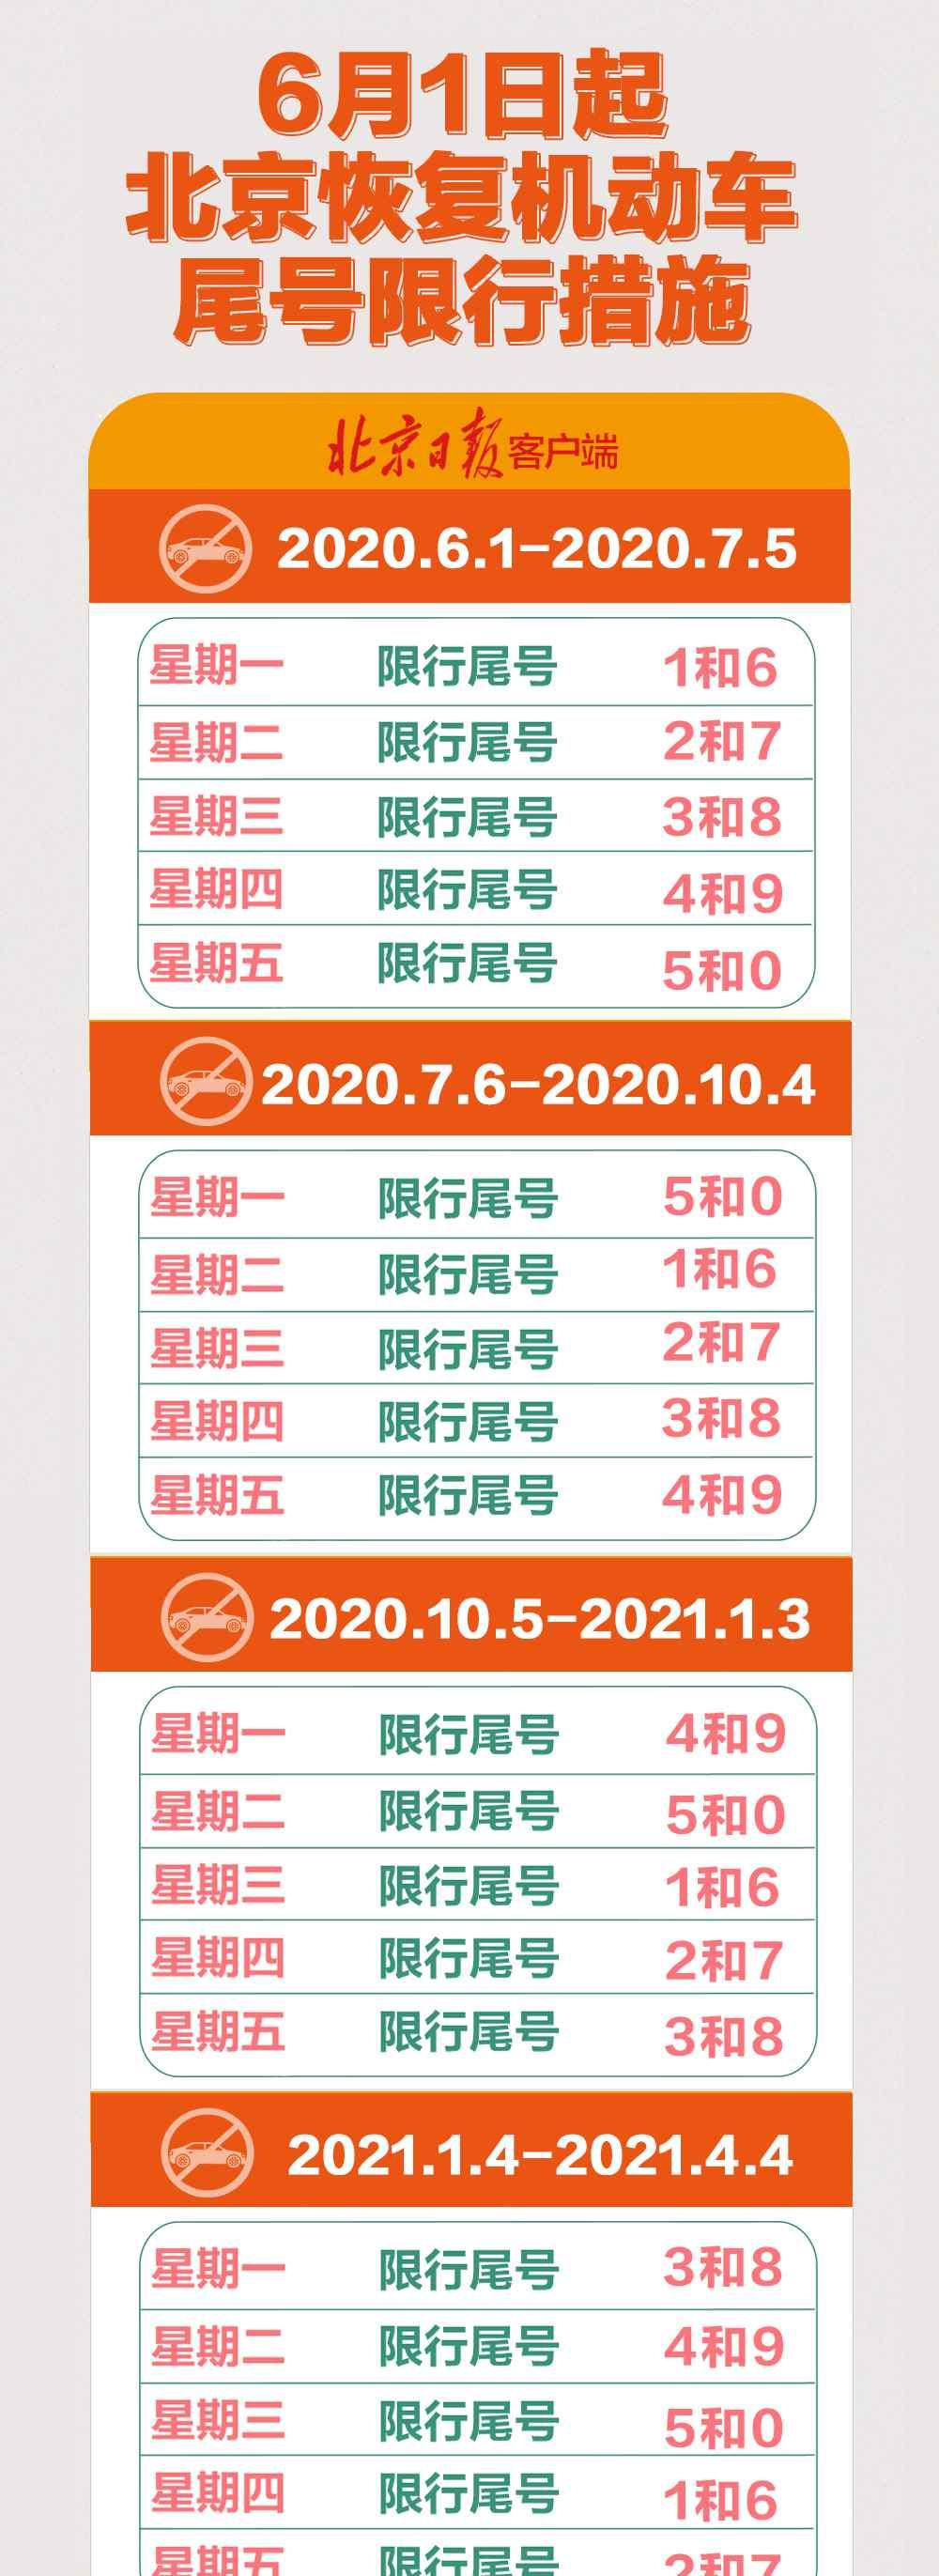 北京机动车限行时间 这张北京尾号限行时间图,请收藏